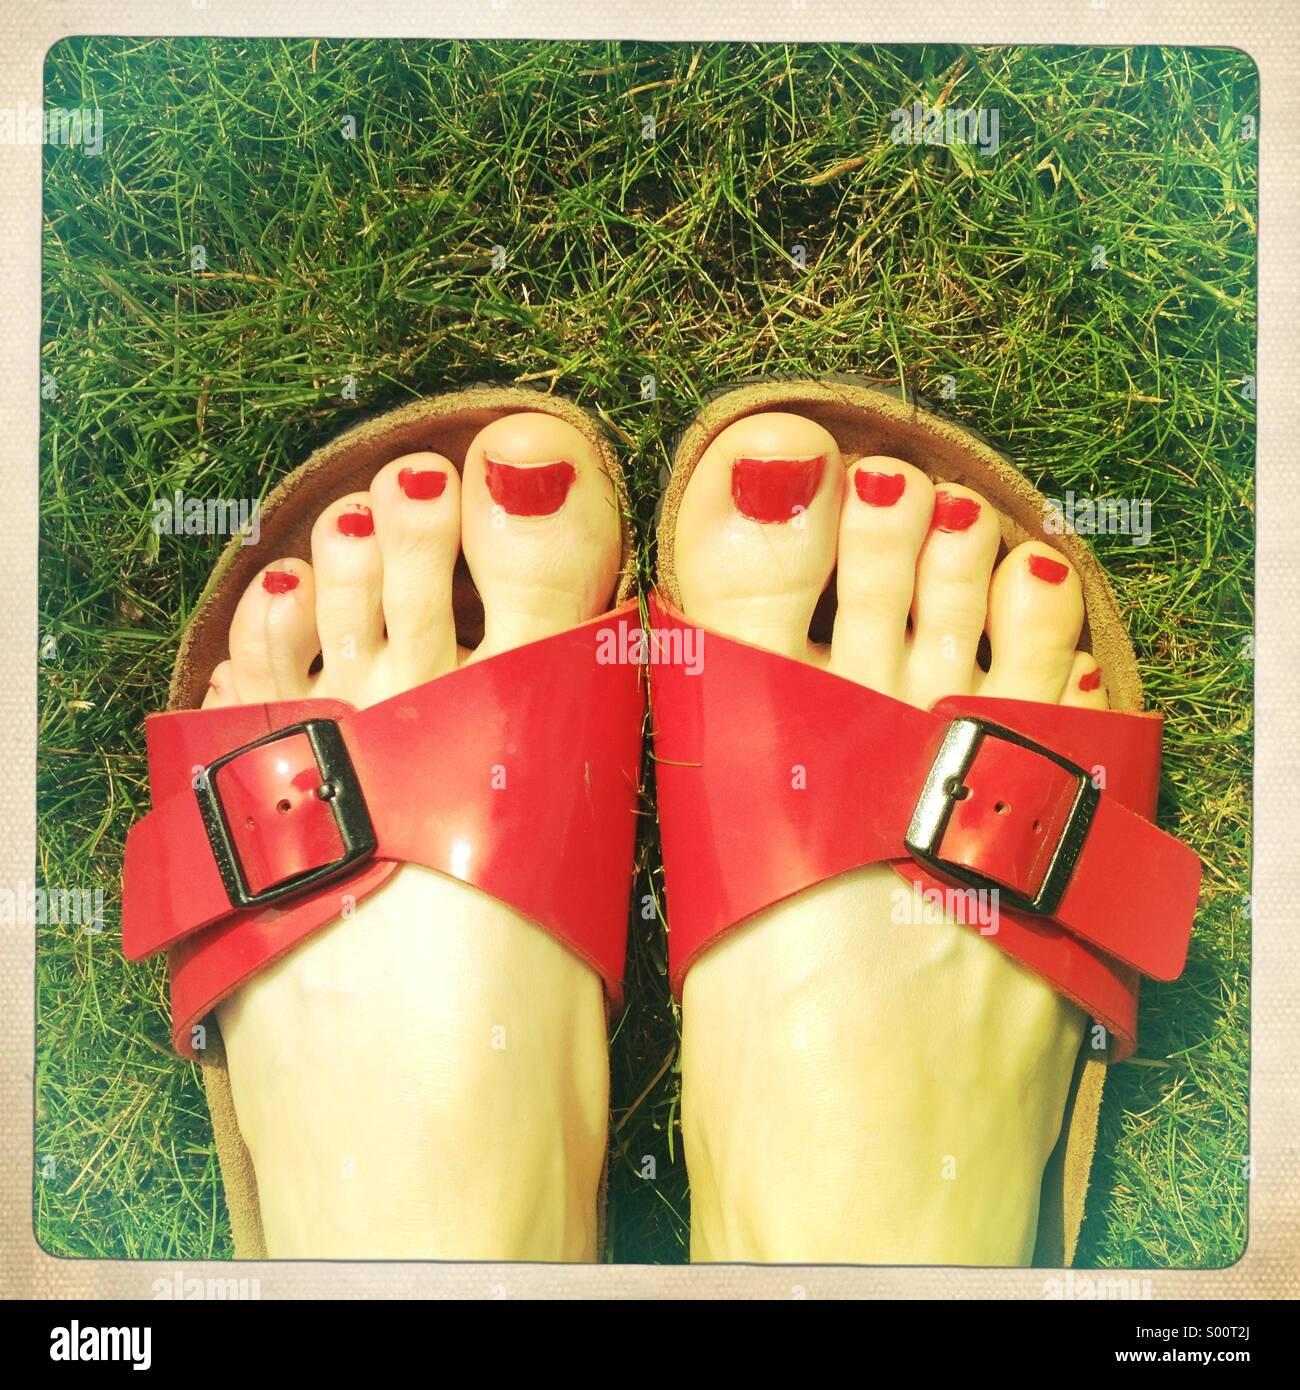 Dedos del pie pintados en sandalias sobre el césped Imagen De Stock